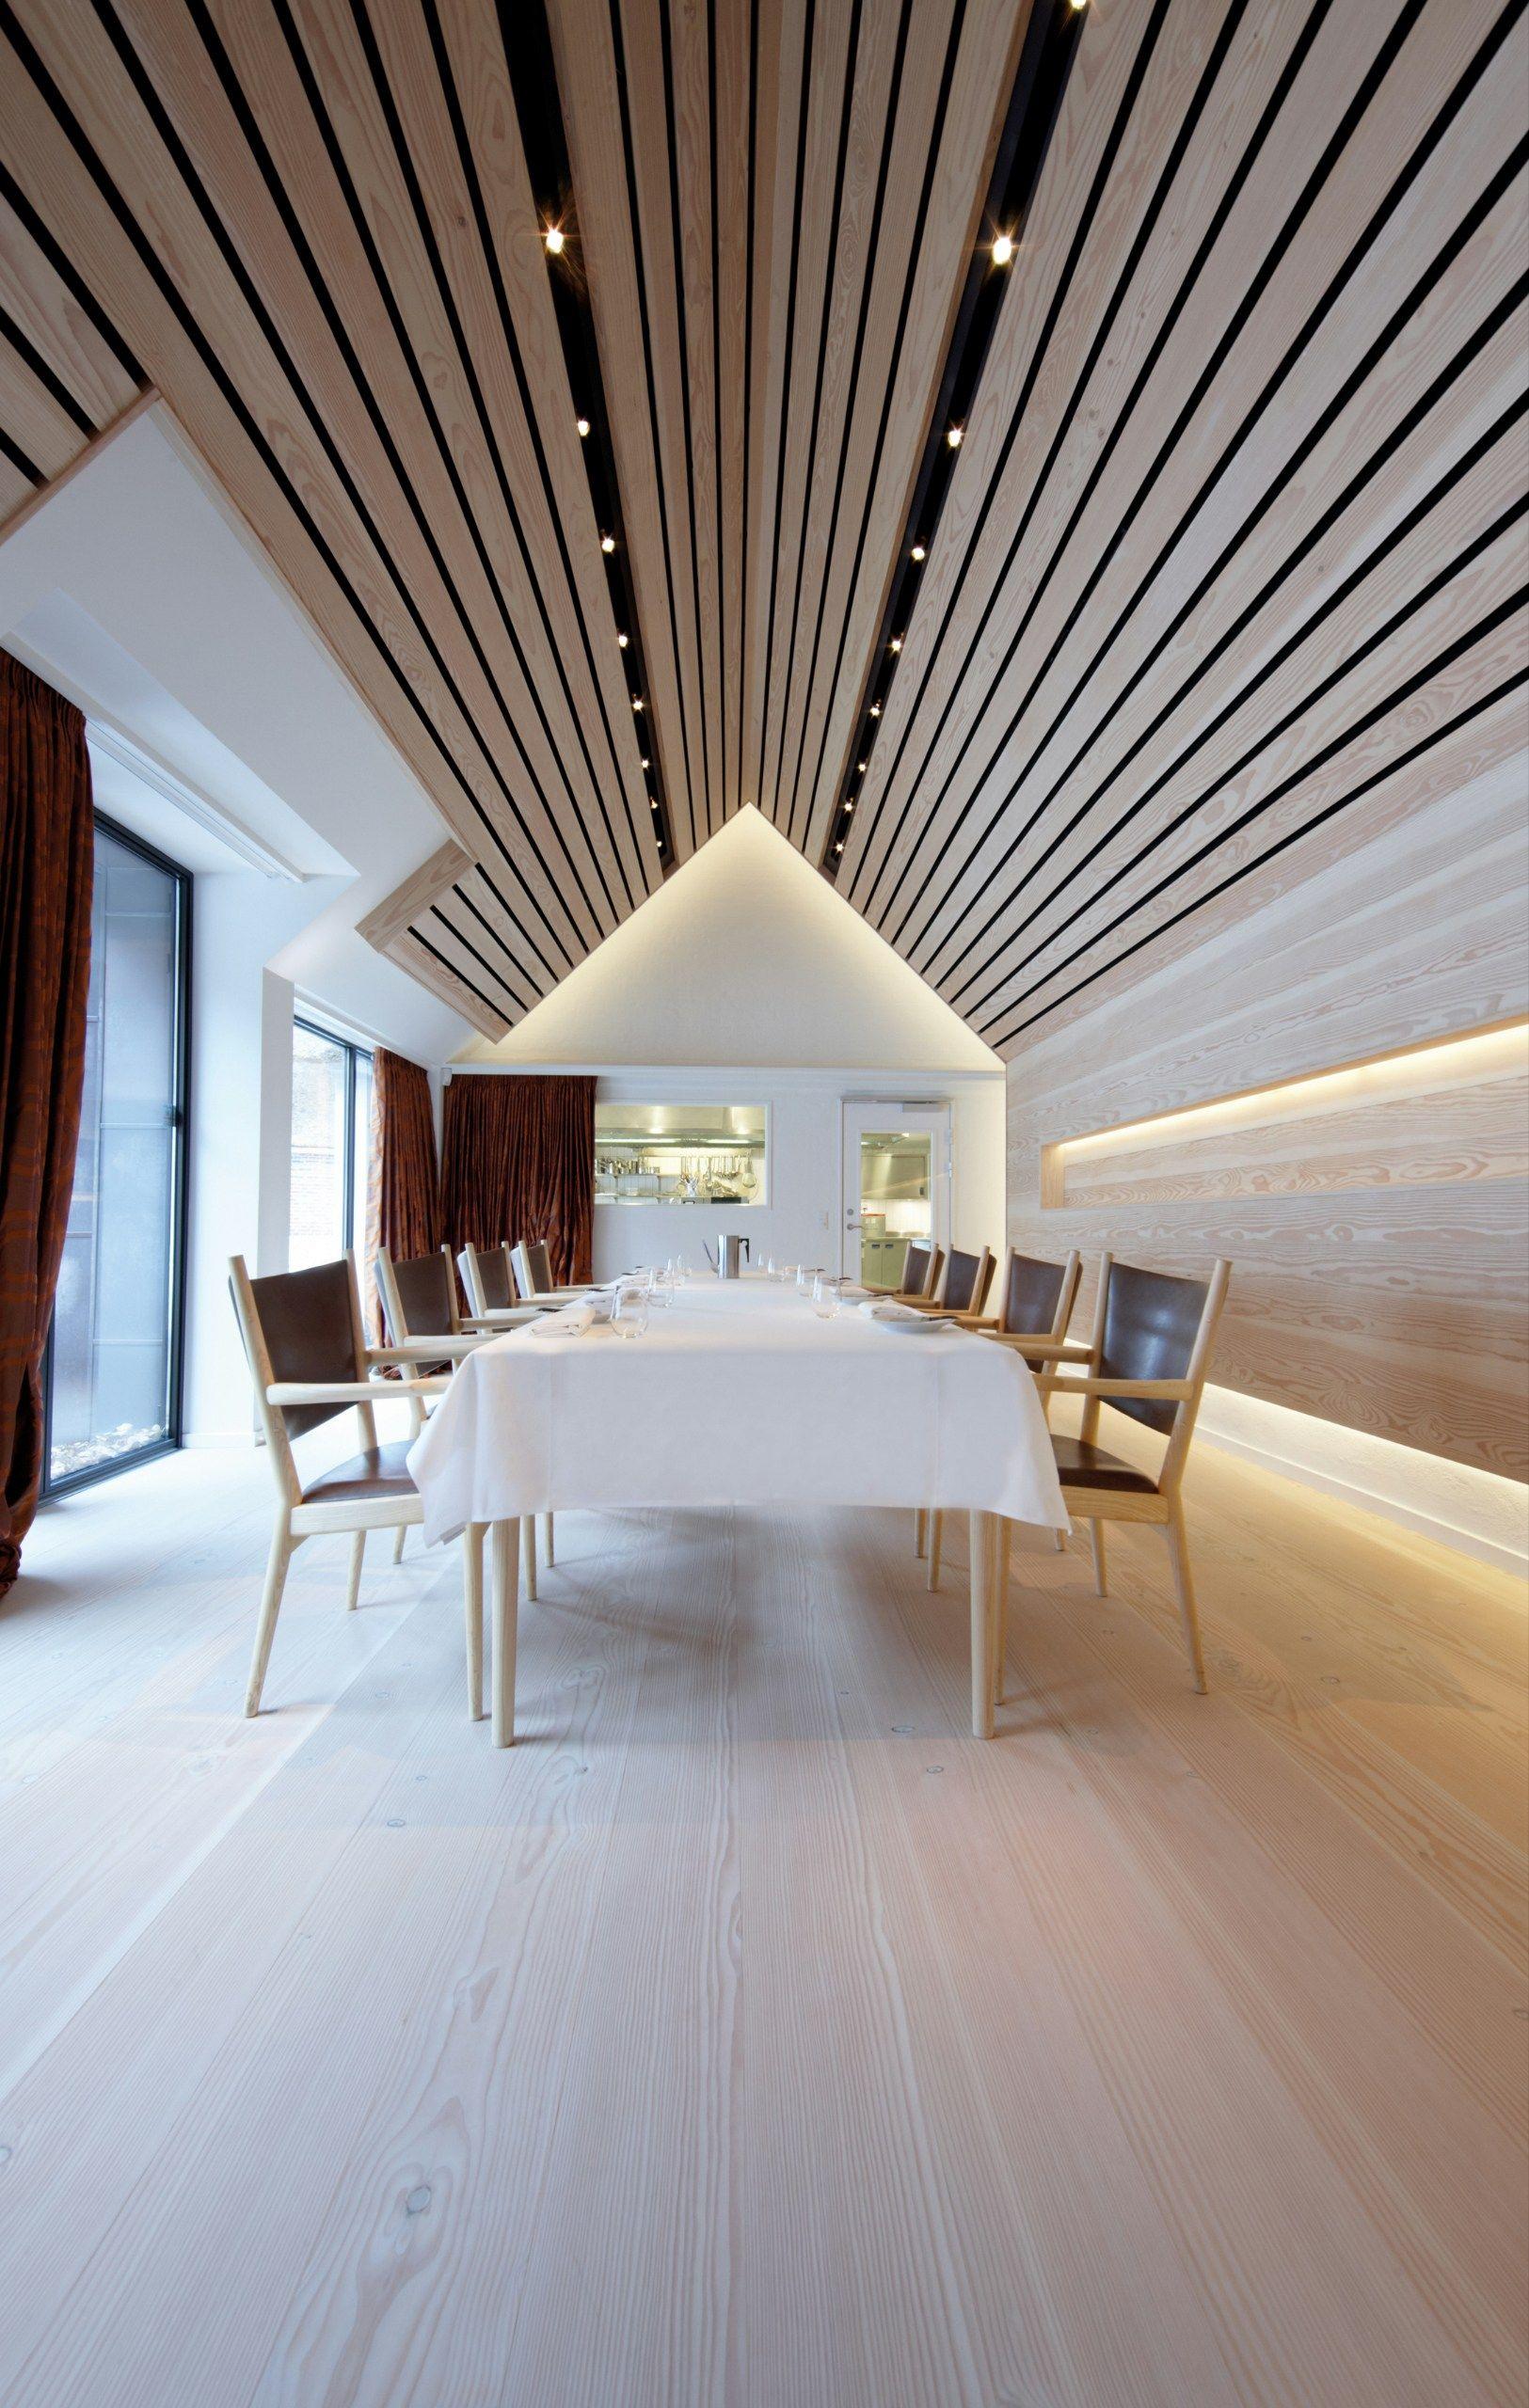 Falso techo imitaci n madera dinesen ceiling by dinesen Falsos techos de madera